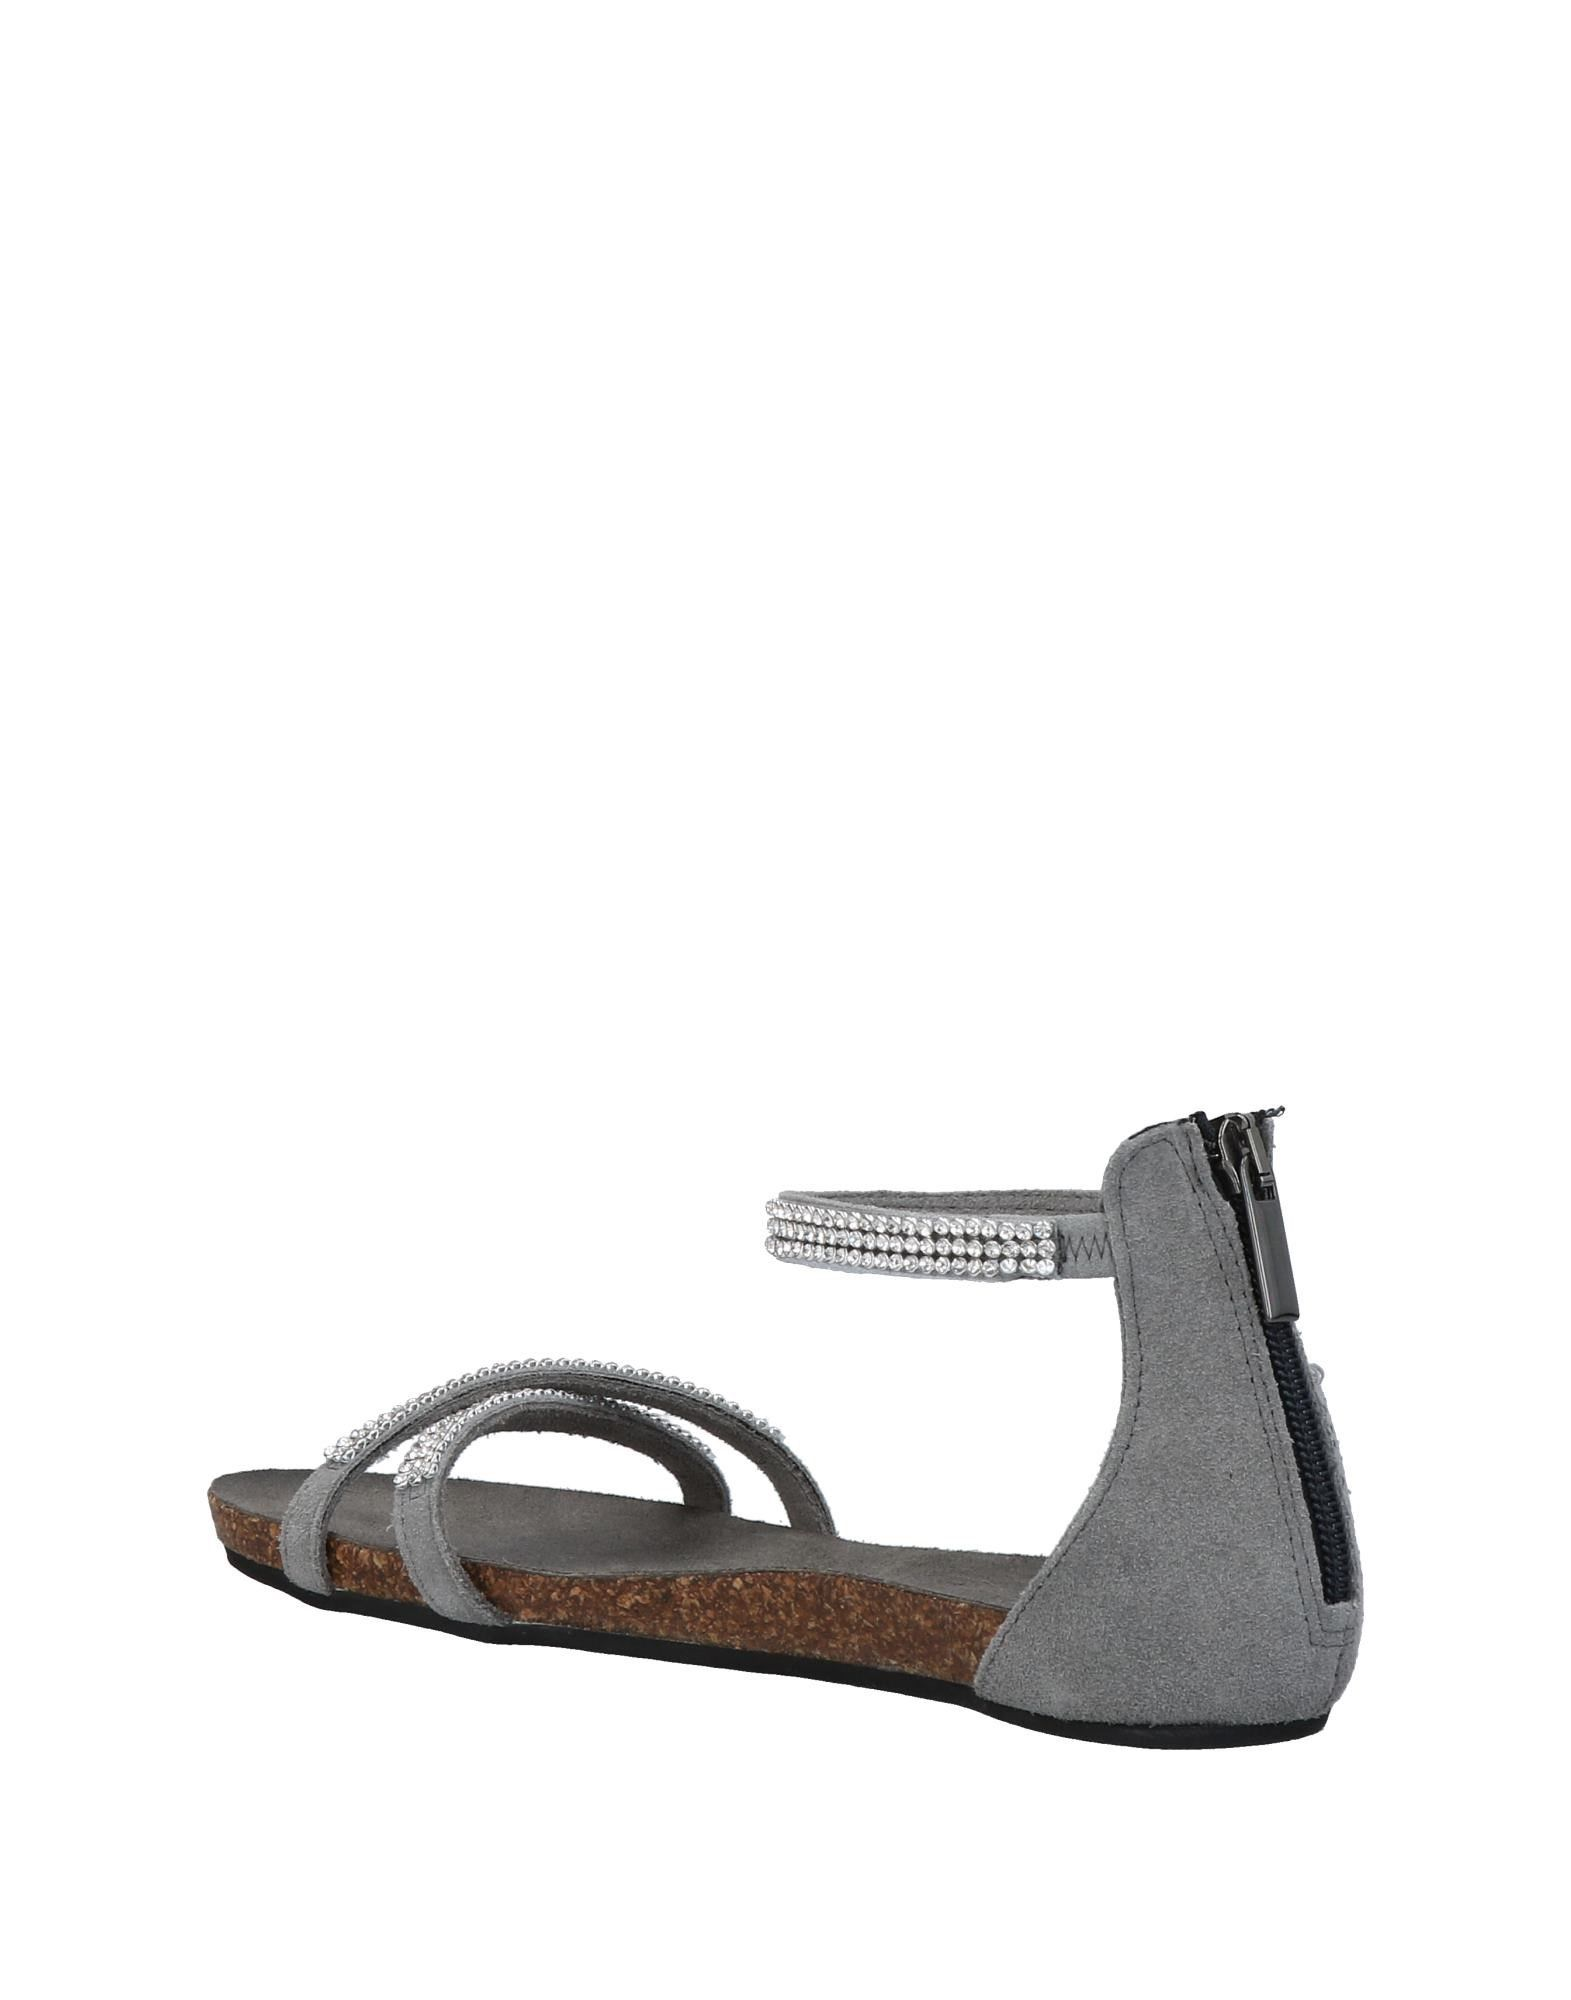 Giulia Taddeucci Sandalen Damen  11428419KE Gute Qualität beliebte Schuhe